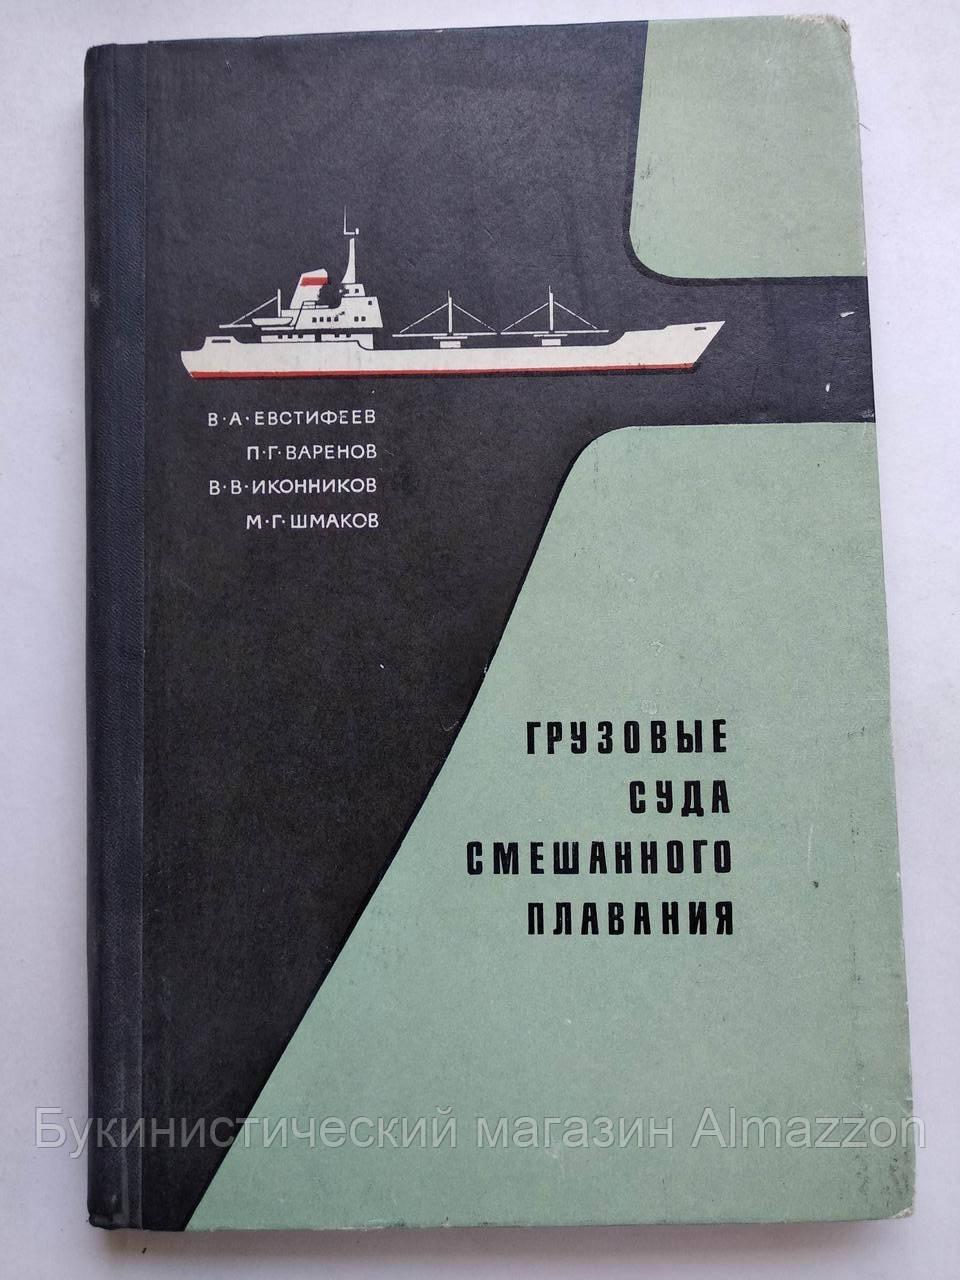 Грузовые суда смешанного плавания В.А.Евстифеев